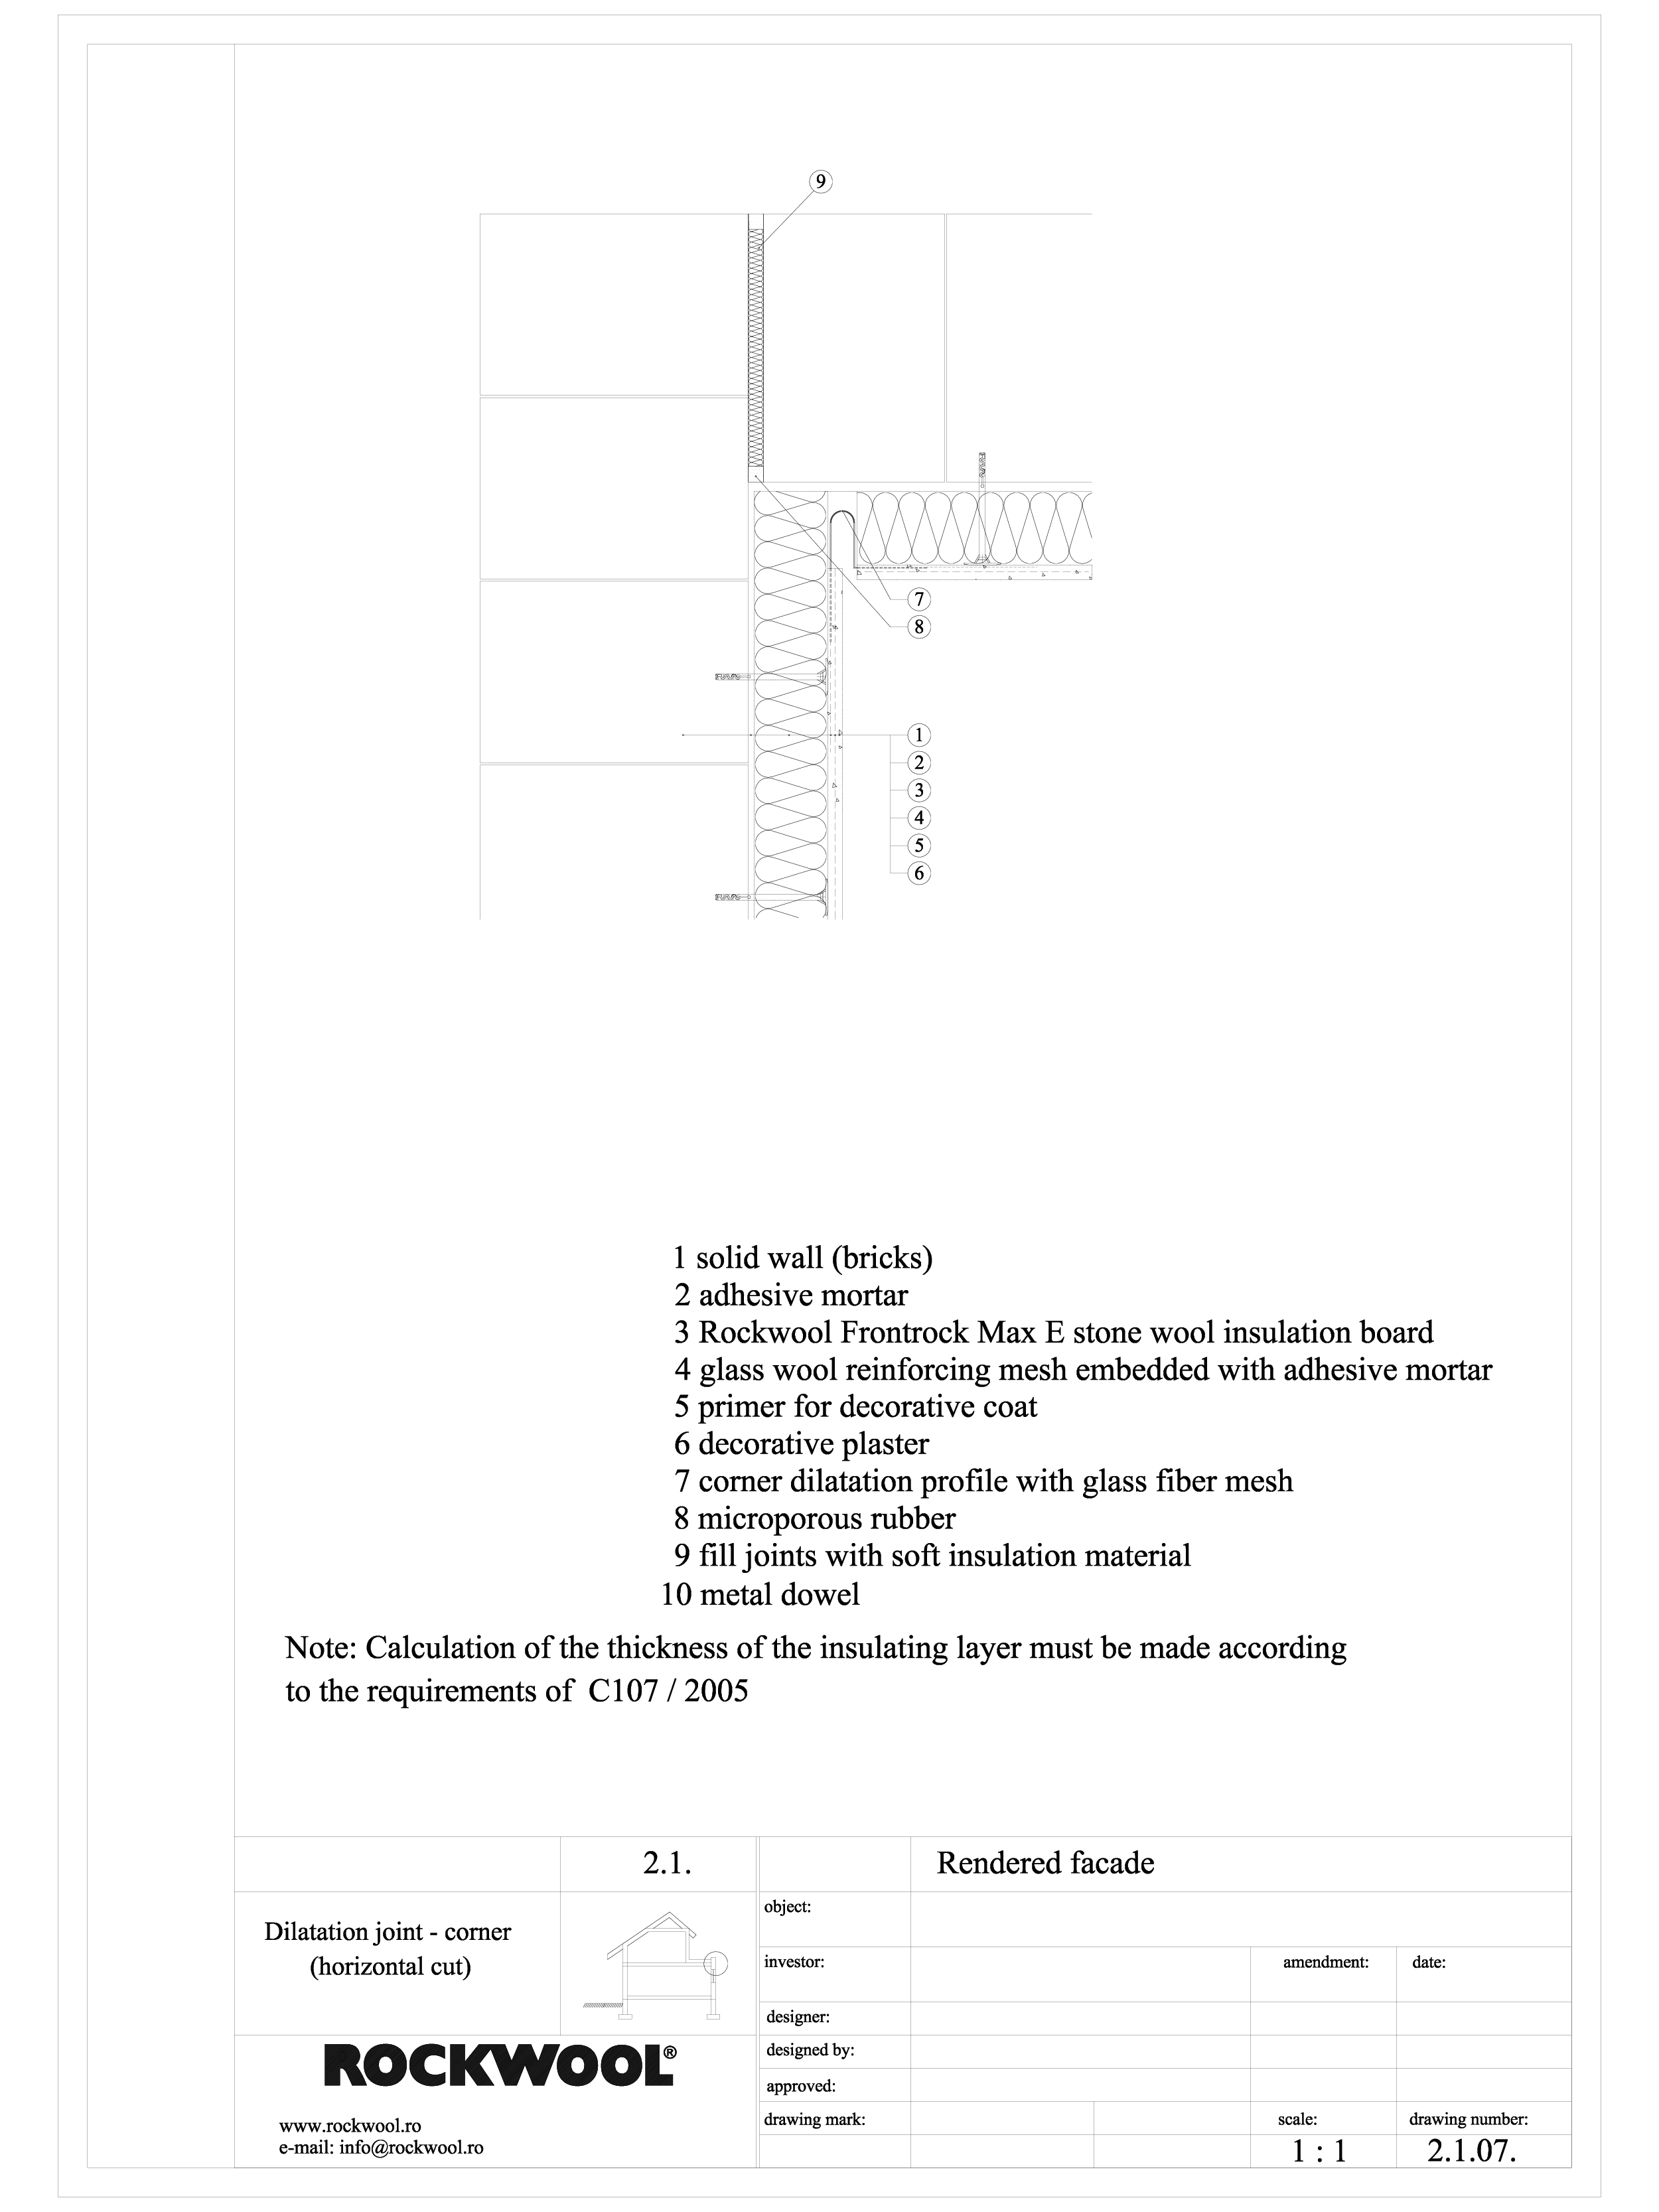 Termoizolarea fatadelor tencuite - detaliu de colt intrat ROCKWOOL Termoizolatie vata bazaltica pentru fatade ventilate ROCKWOOL ROMANIA  - Pagina 1